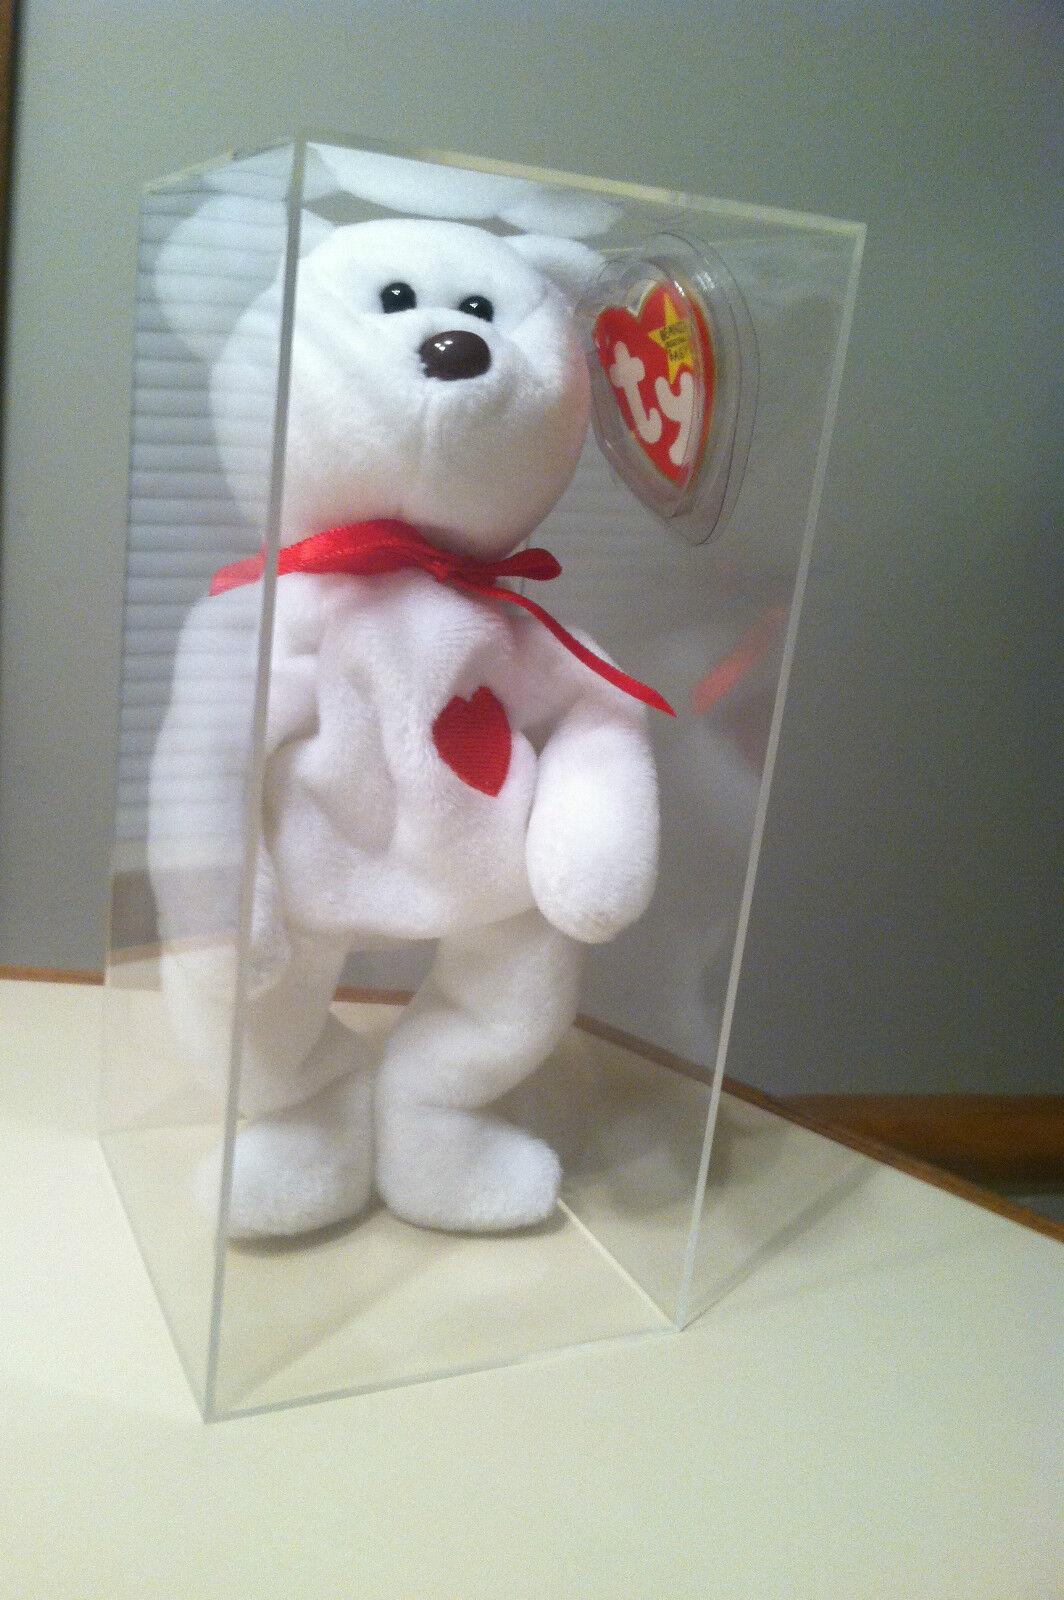 valentino beanie baby       mit rechtschreibfehlern